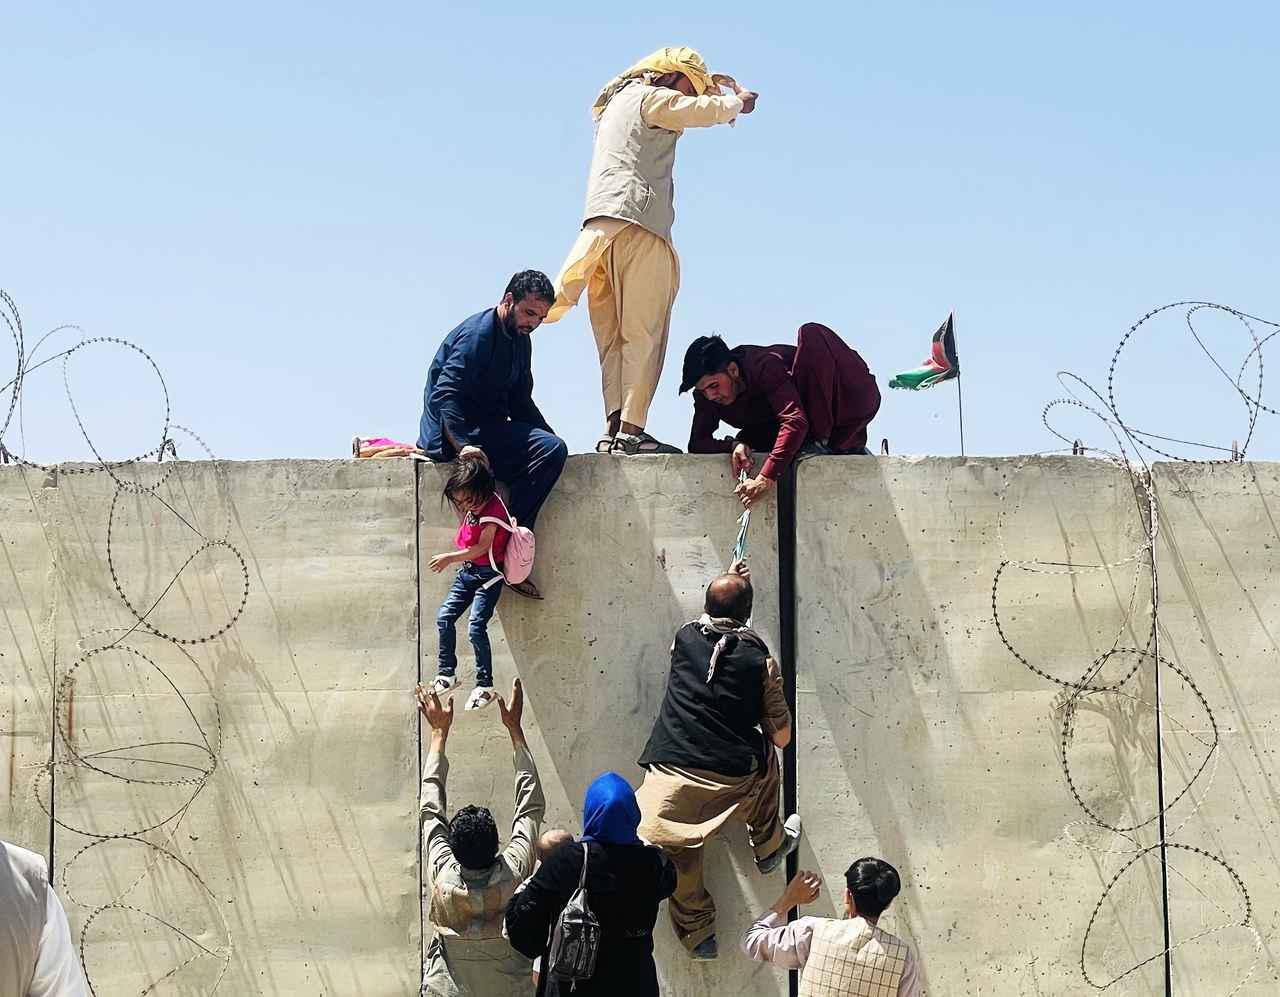 画像: カブール国際空港に入るために塀を乗り越える人々。(8月16日にカブールで撮影)